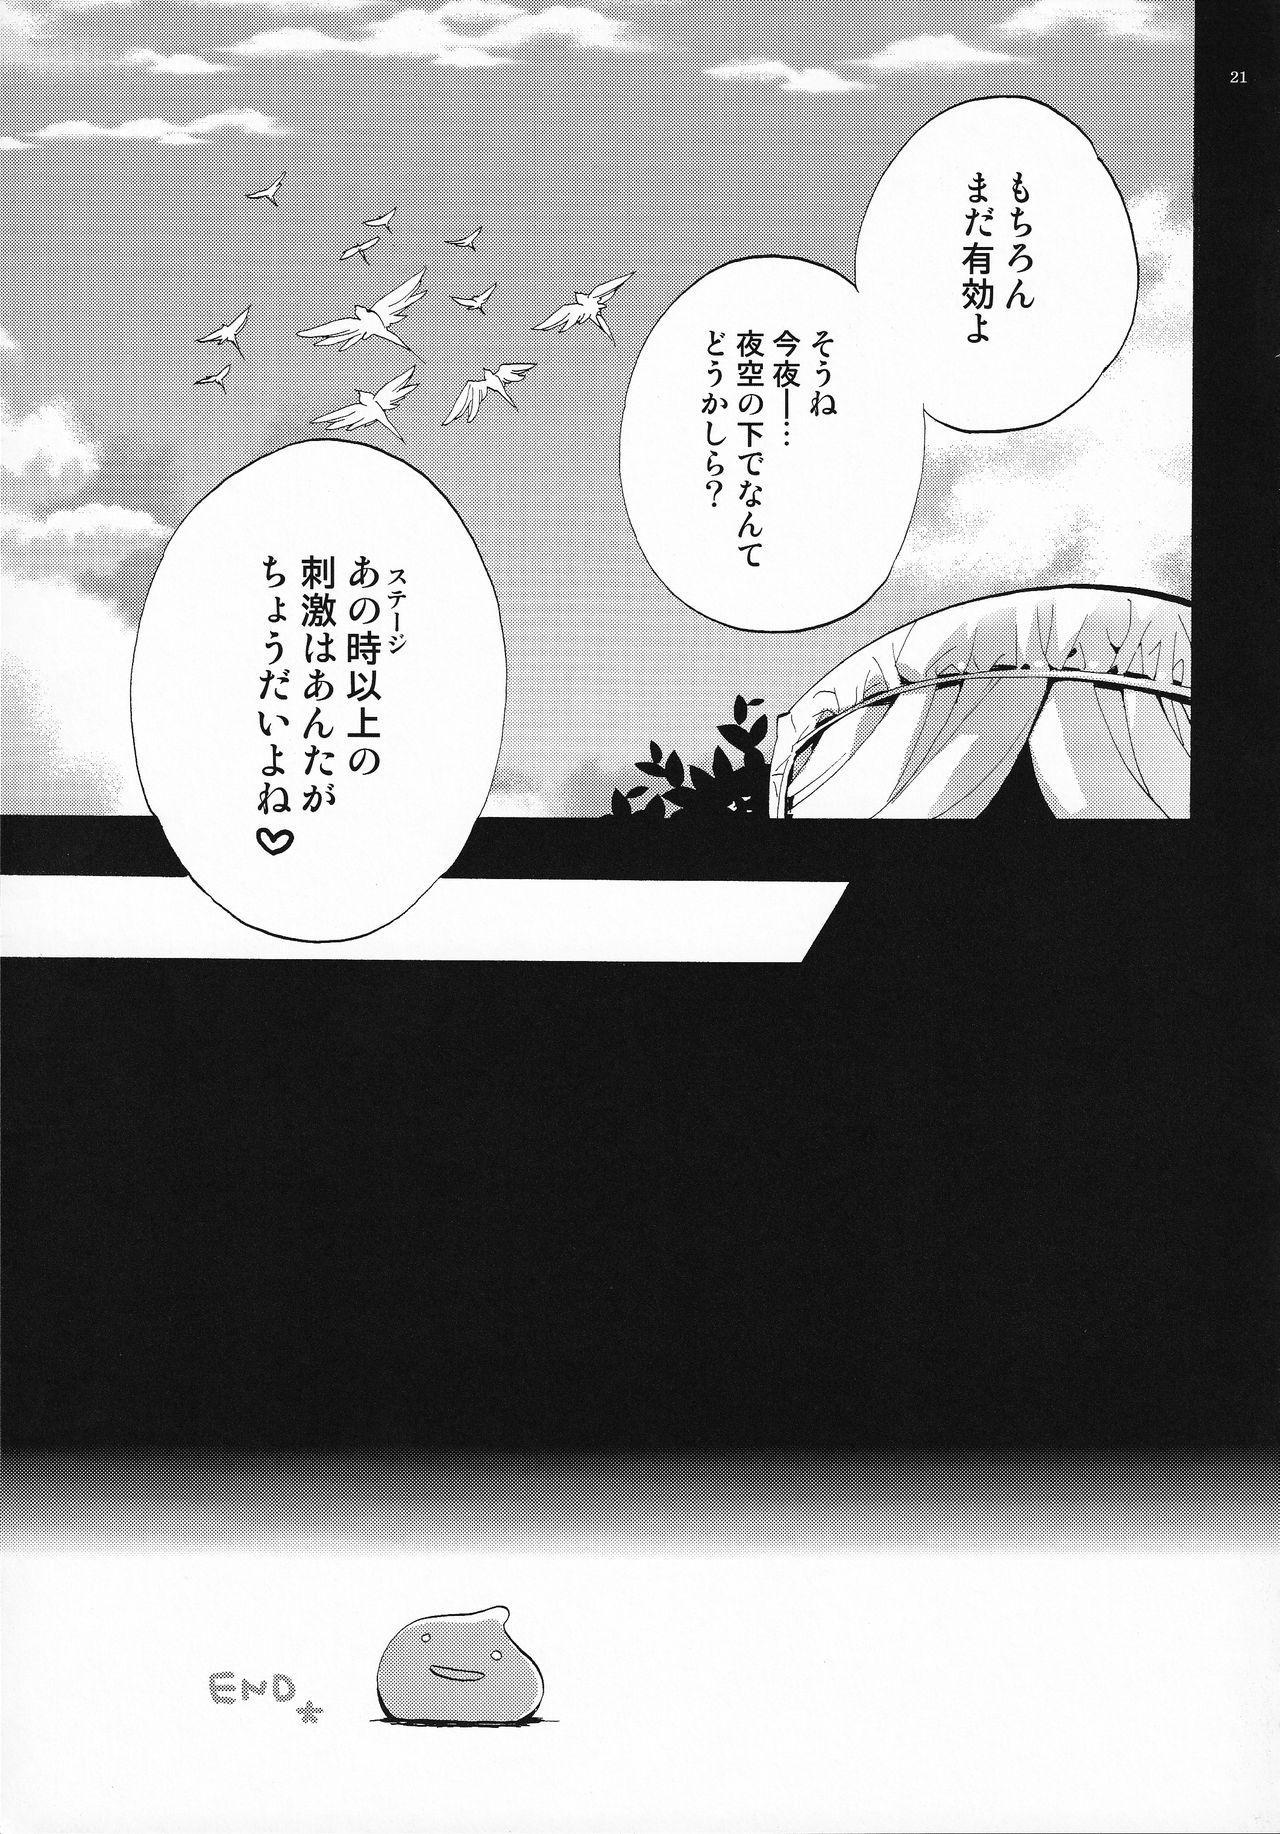 Tenkuu kara no Yuuwaku 19